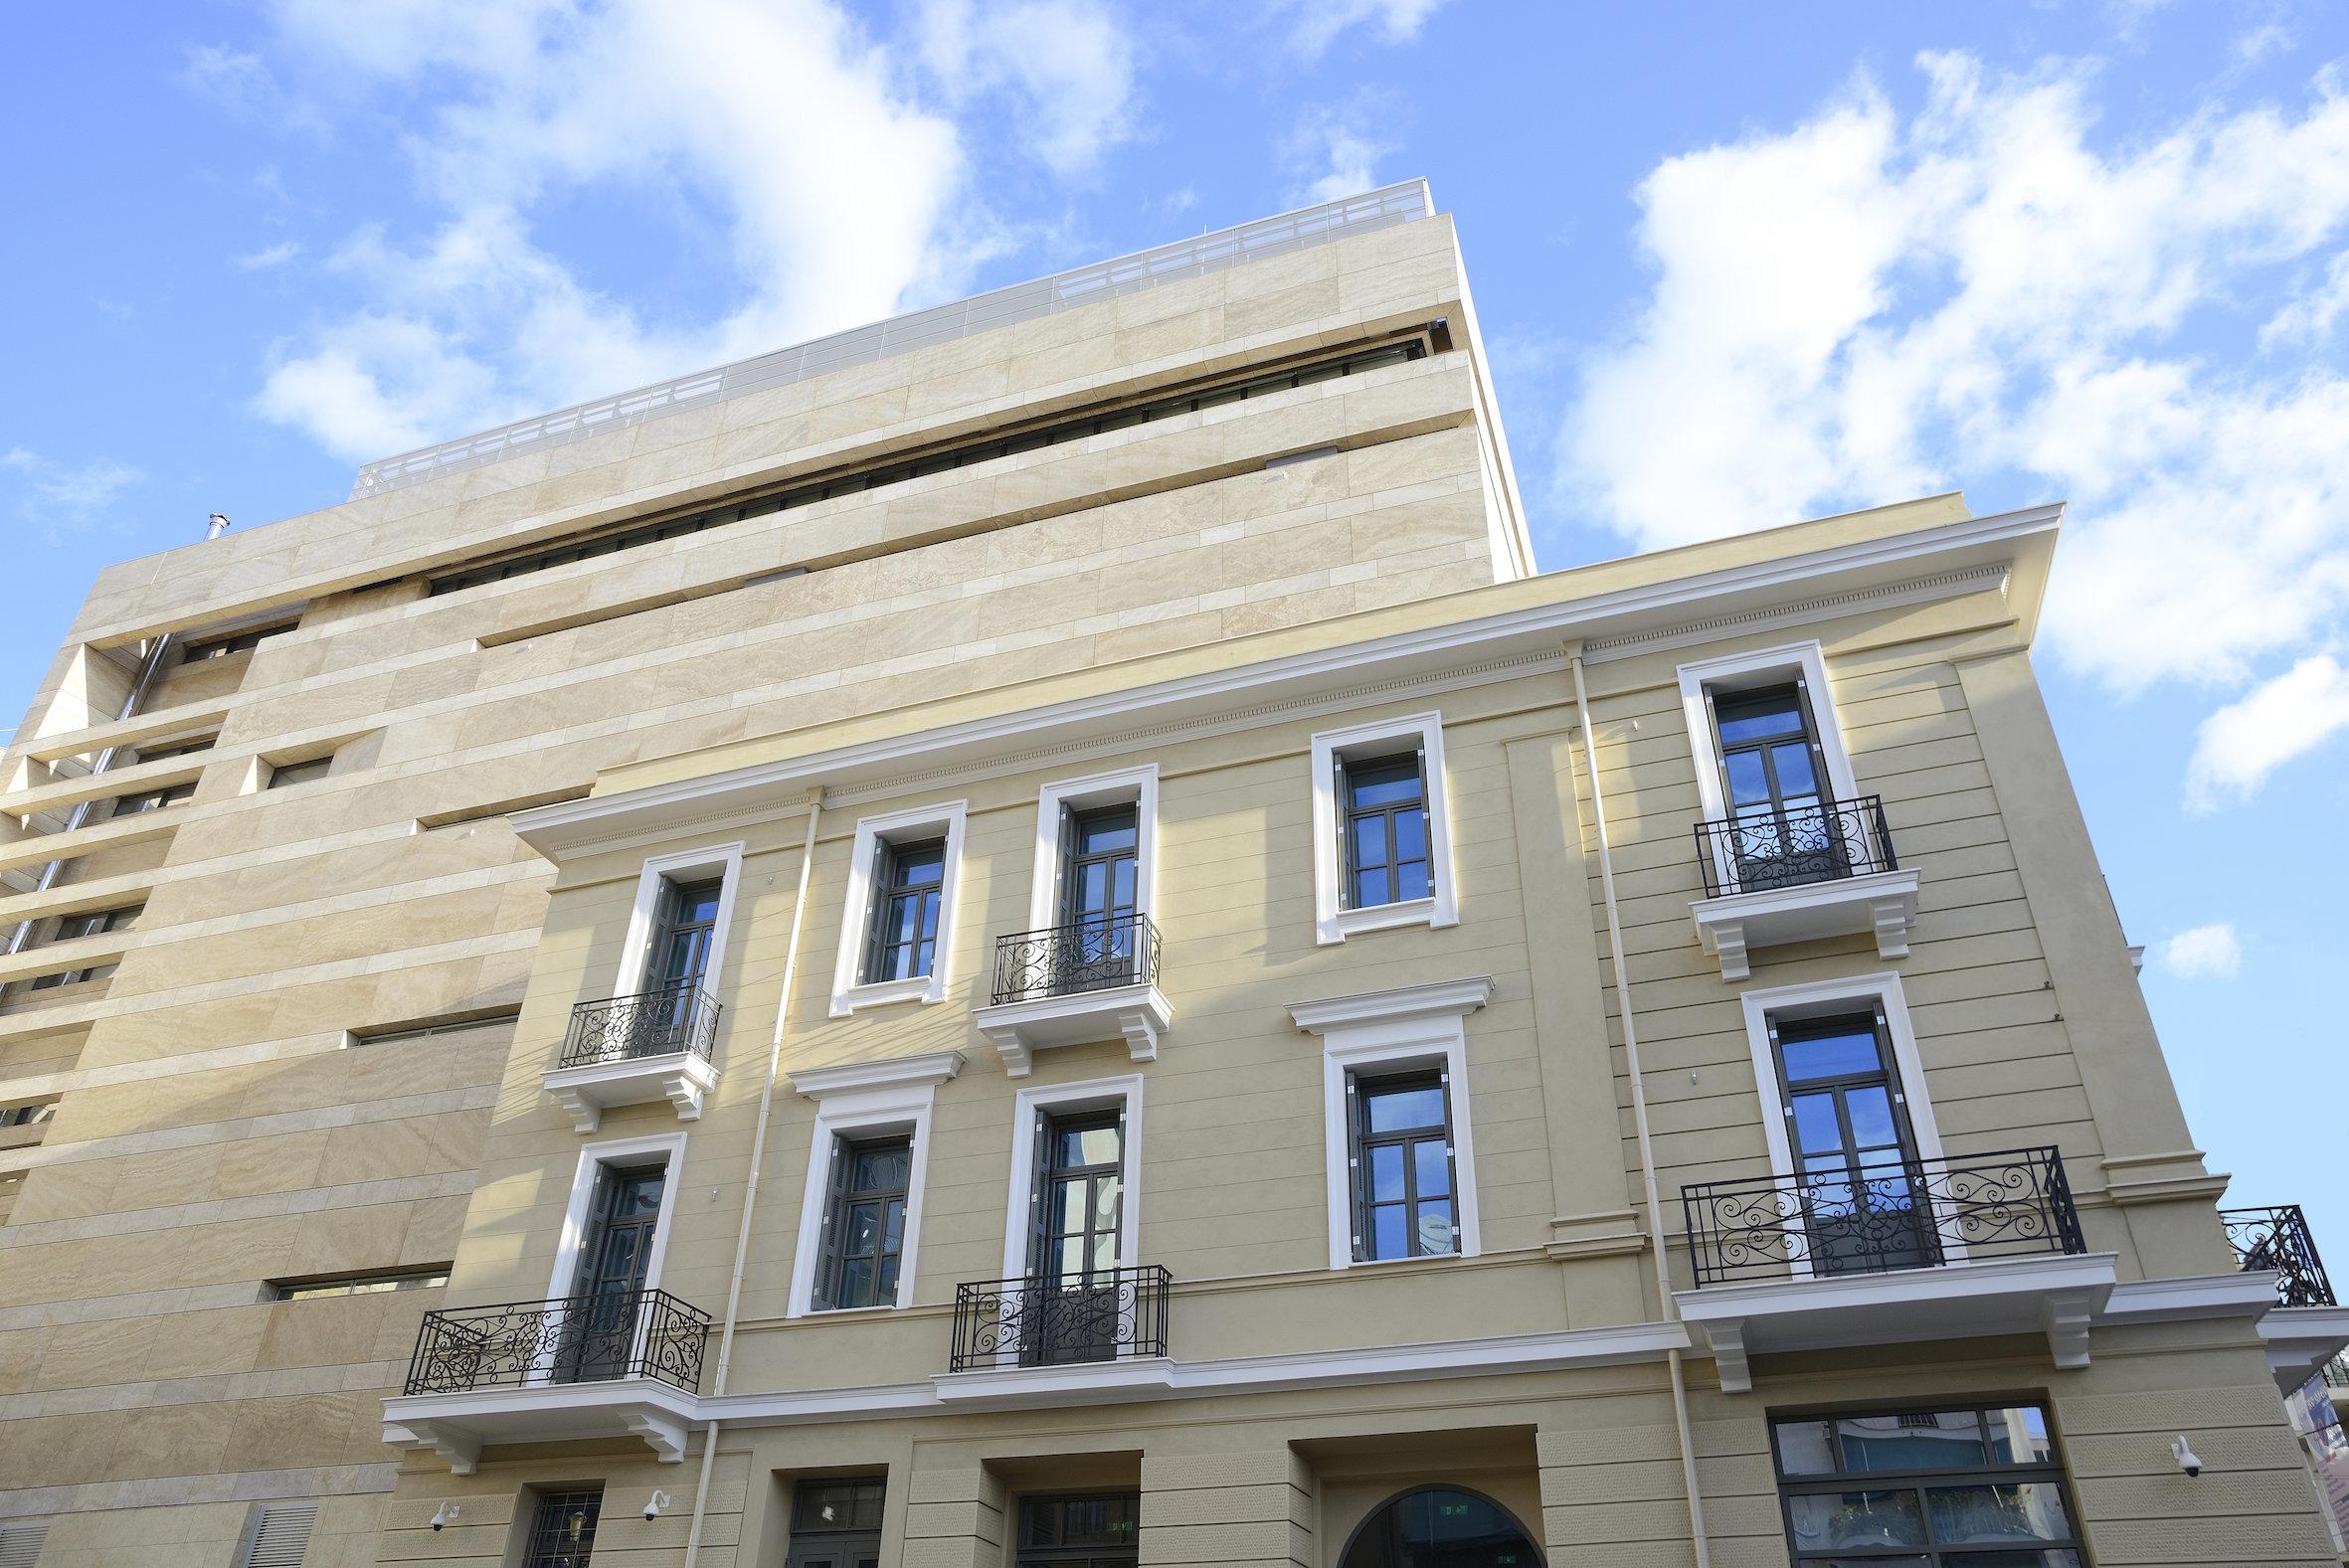 Το νέο μουσείο Γουλανδρή, ανοίγει στο